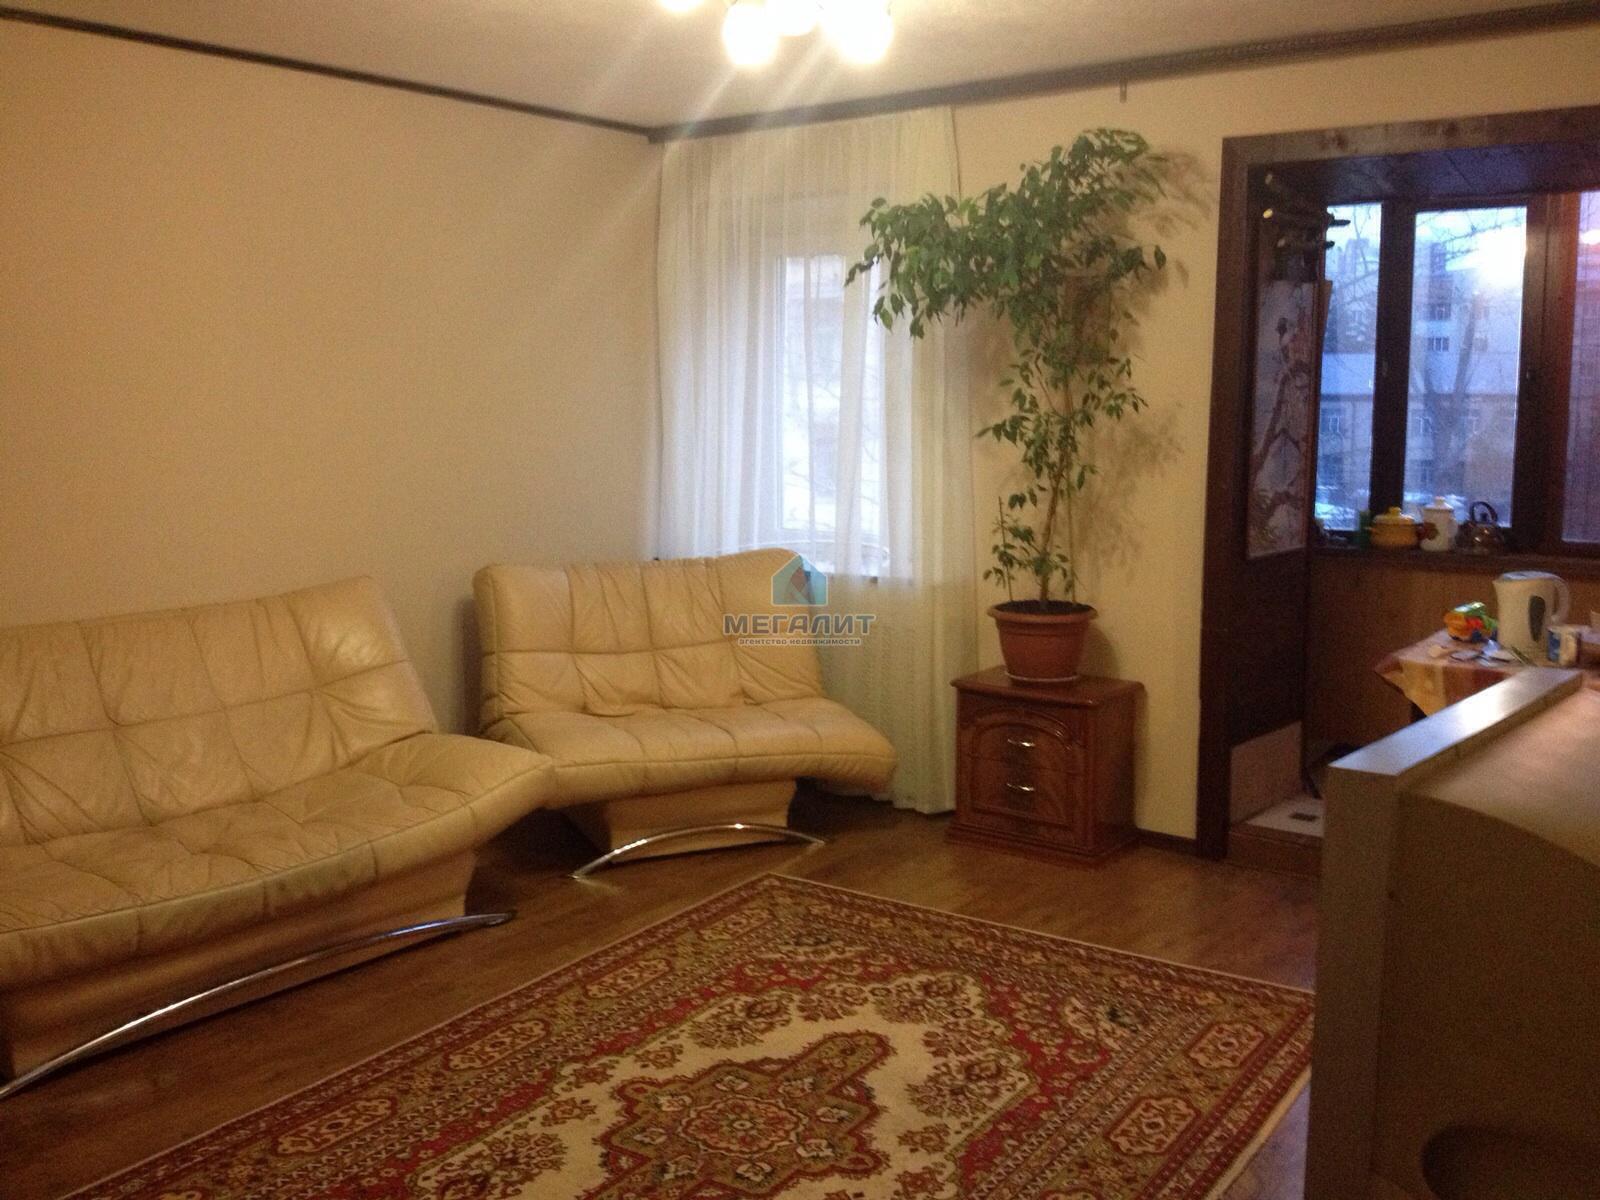 Аренда 3-к квартиры Качалова 78, 75.0 м² (миниатюра №1)